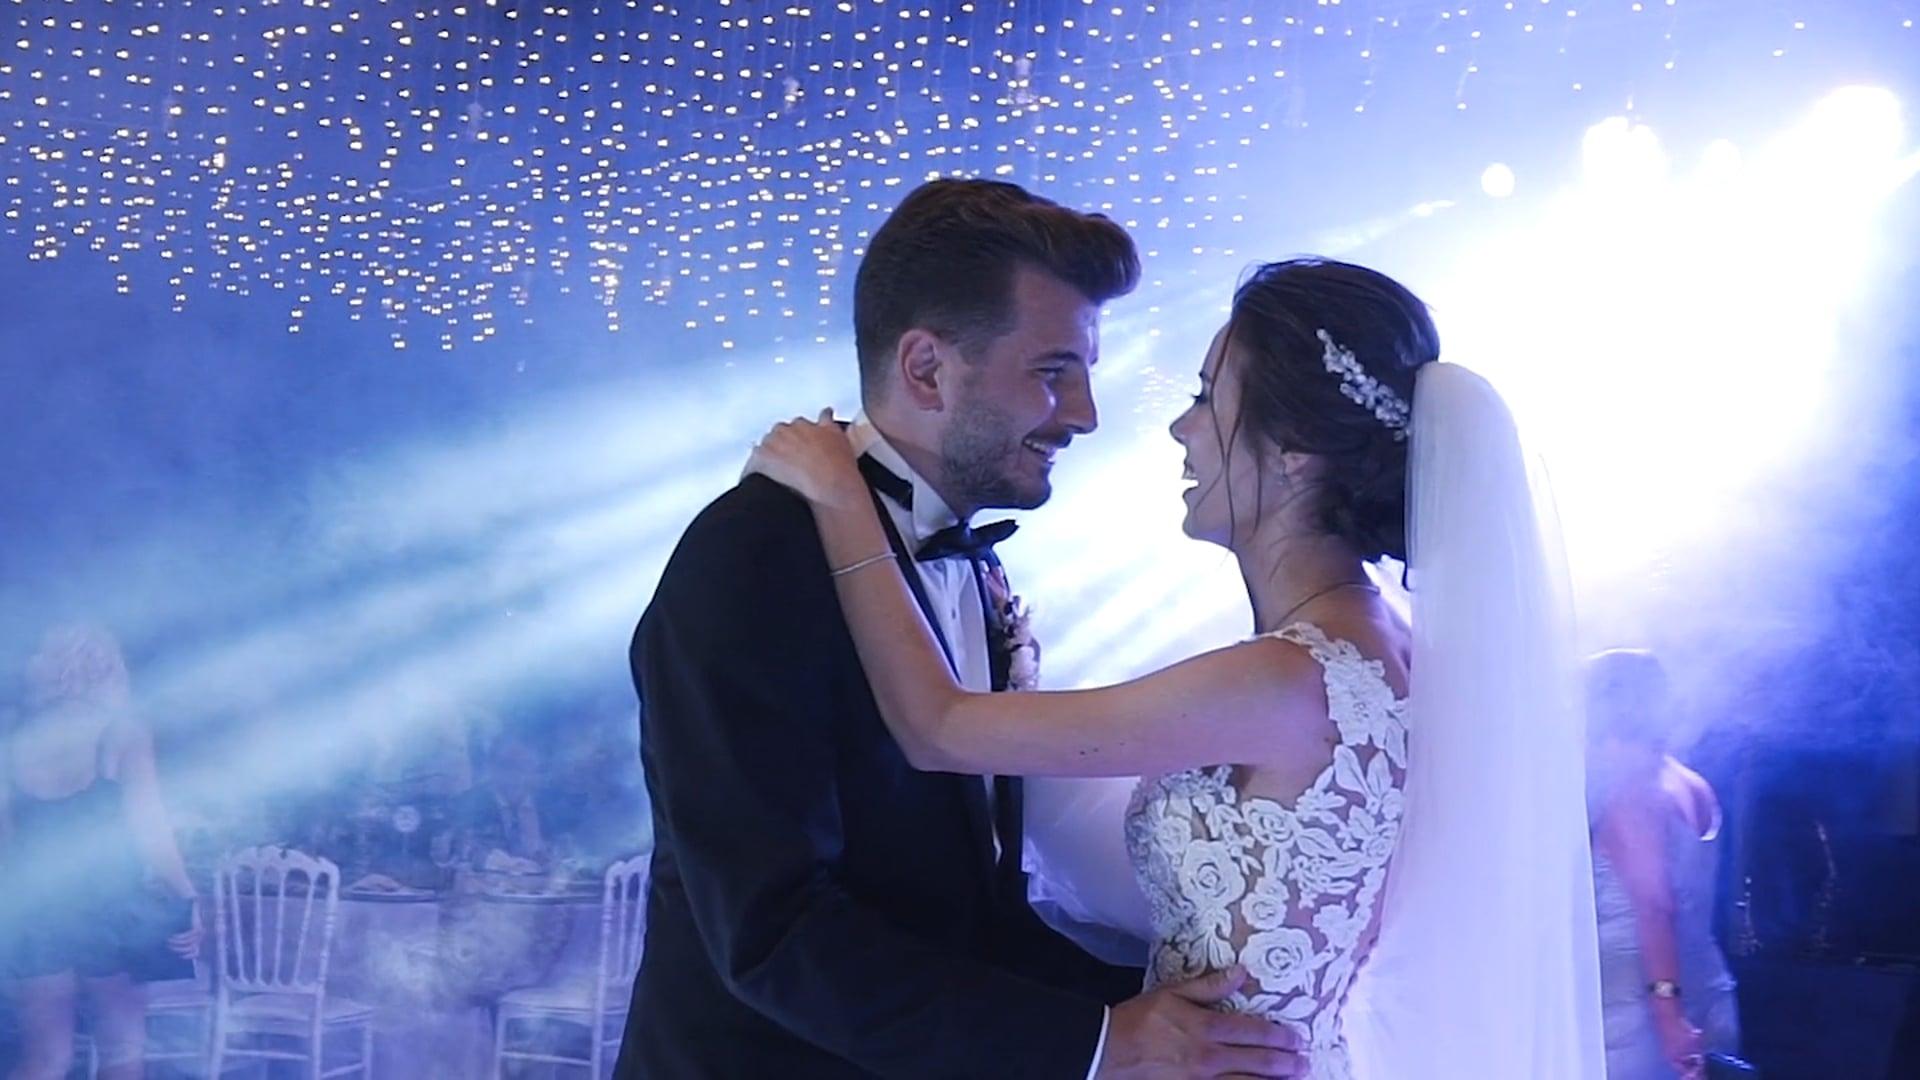 NİHAN + AHMET / Wedding Teaser by Fotoğraf Dükkanı